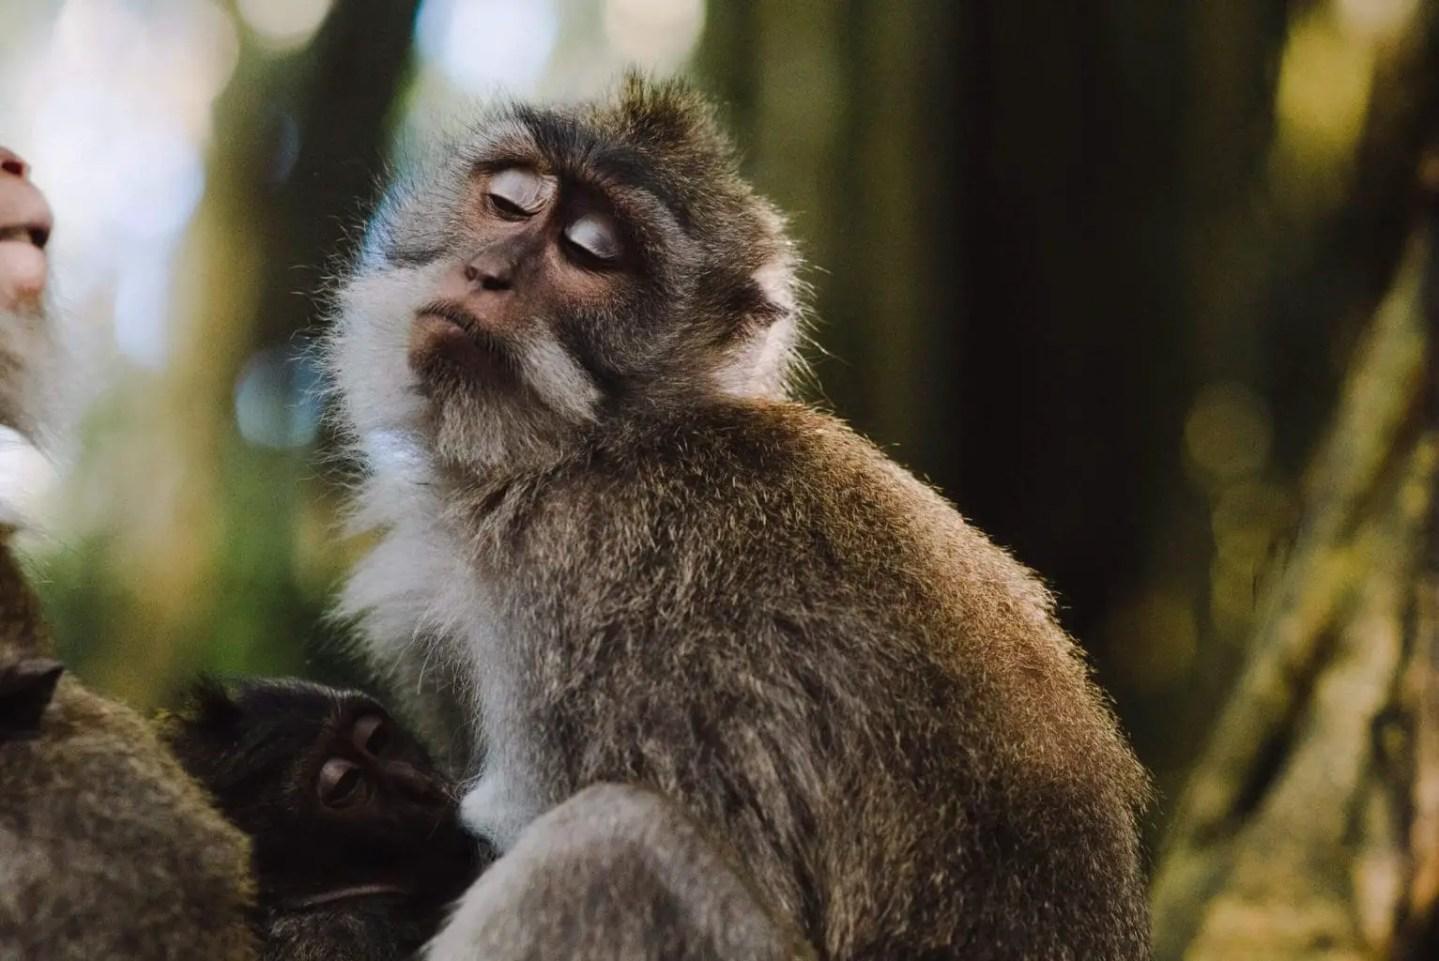 Ubud 3 day itinerary - Ubud Sacred monkey forest